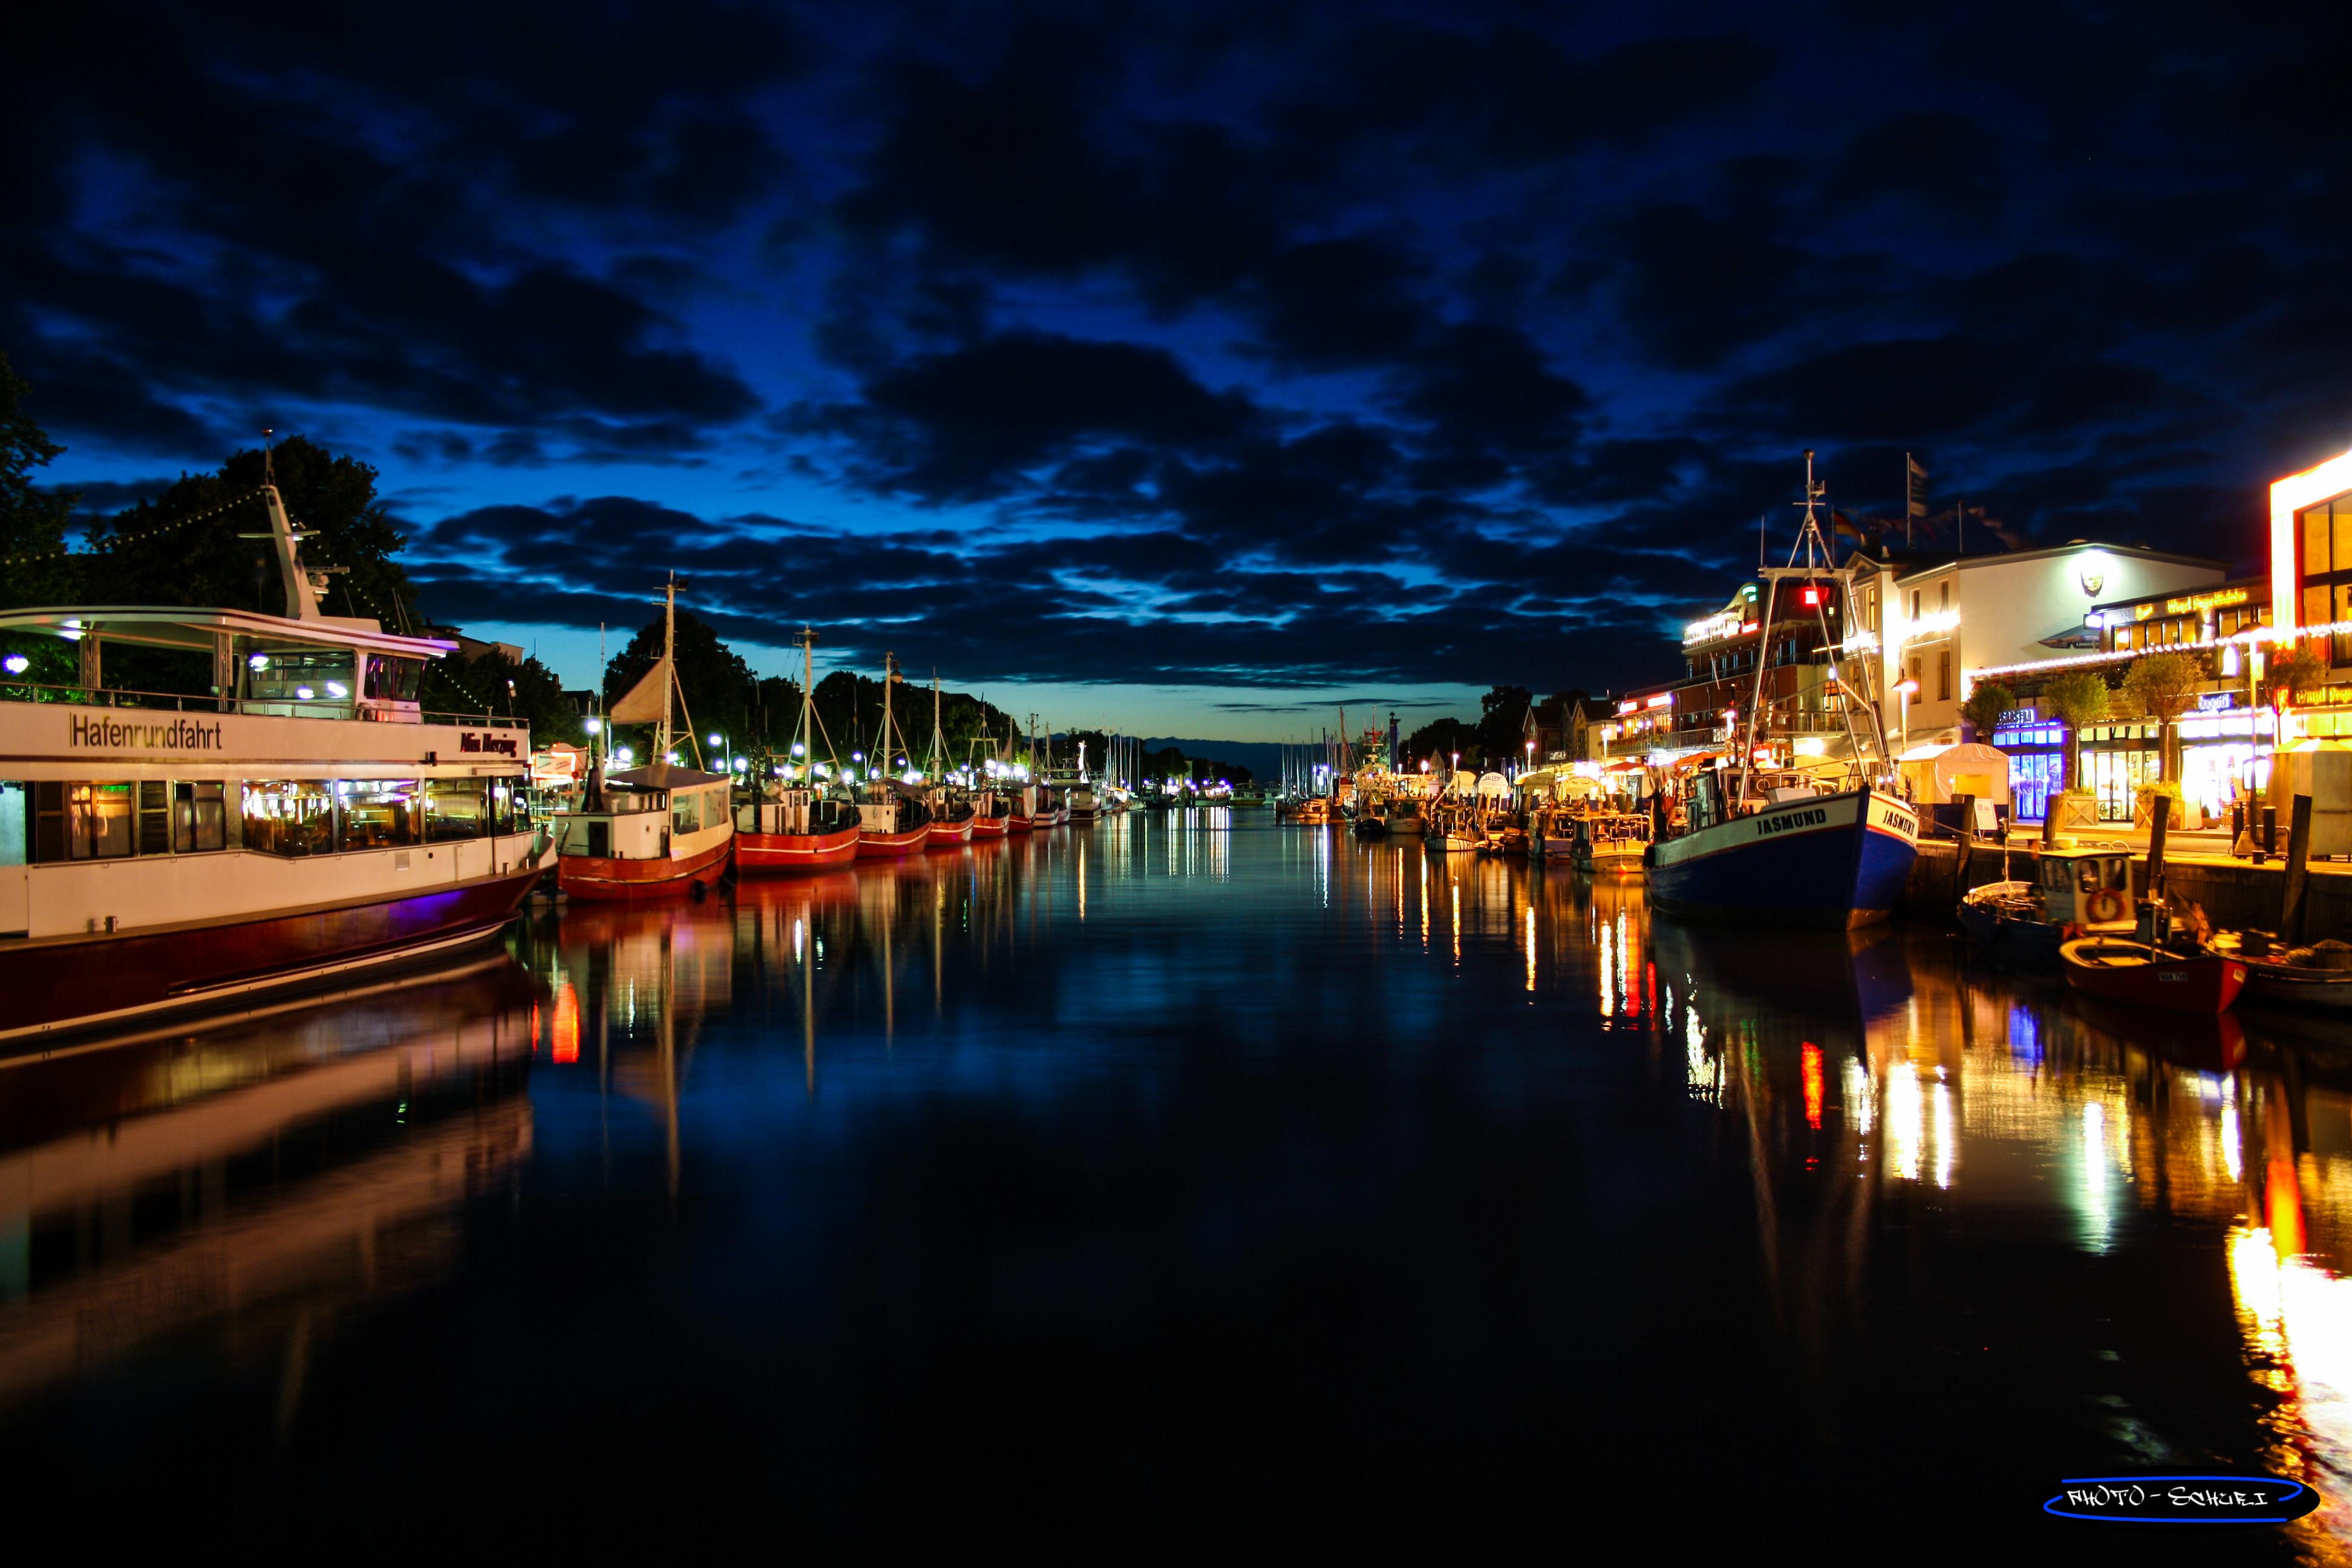 Warnemünde-Urlaubsfoto 2016 von Tim Schuricht